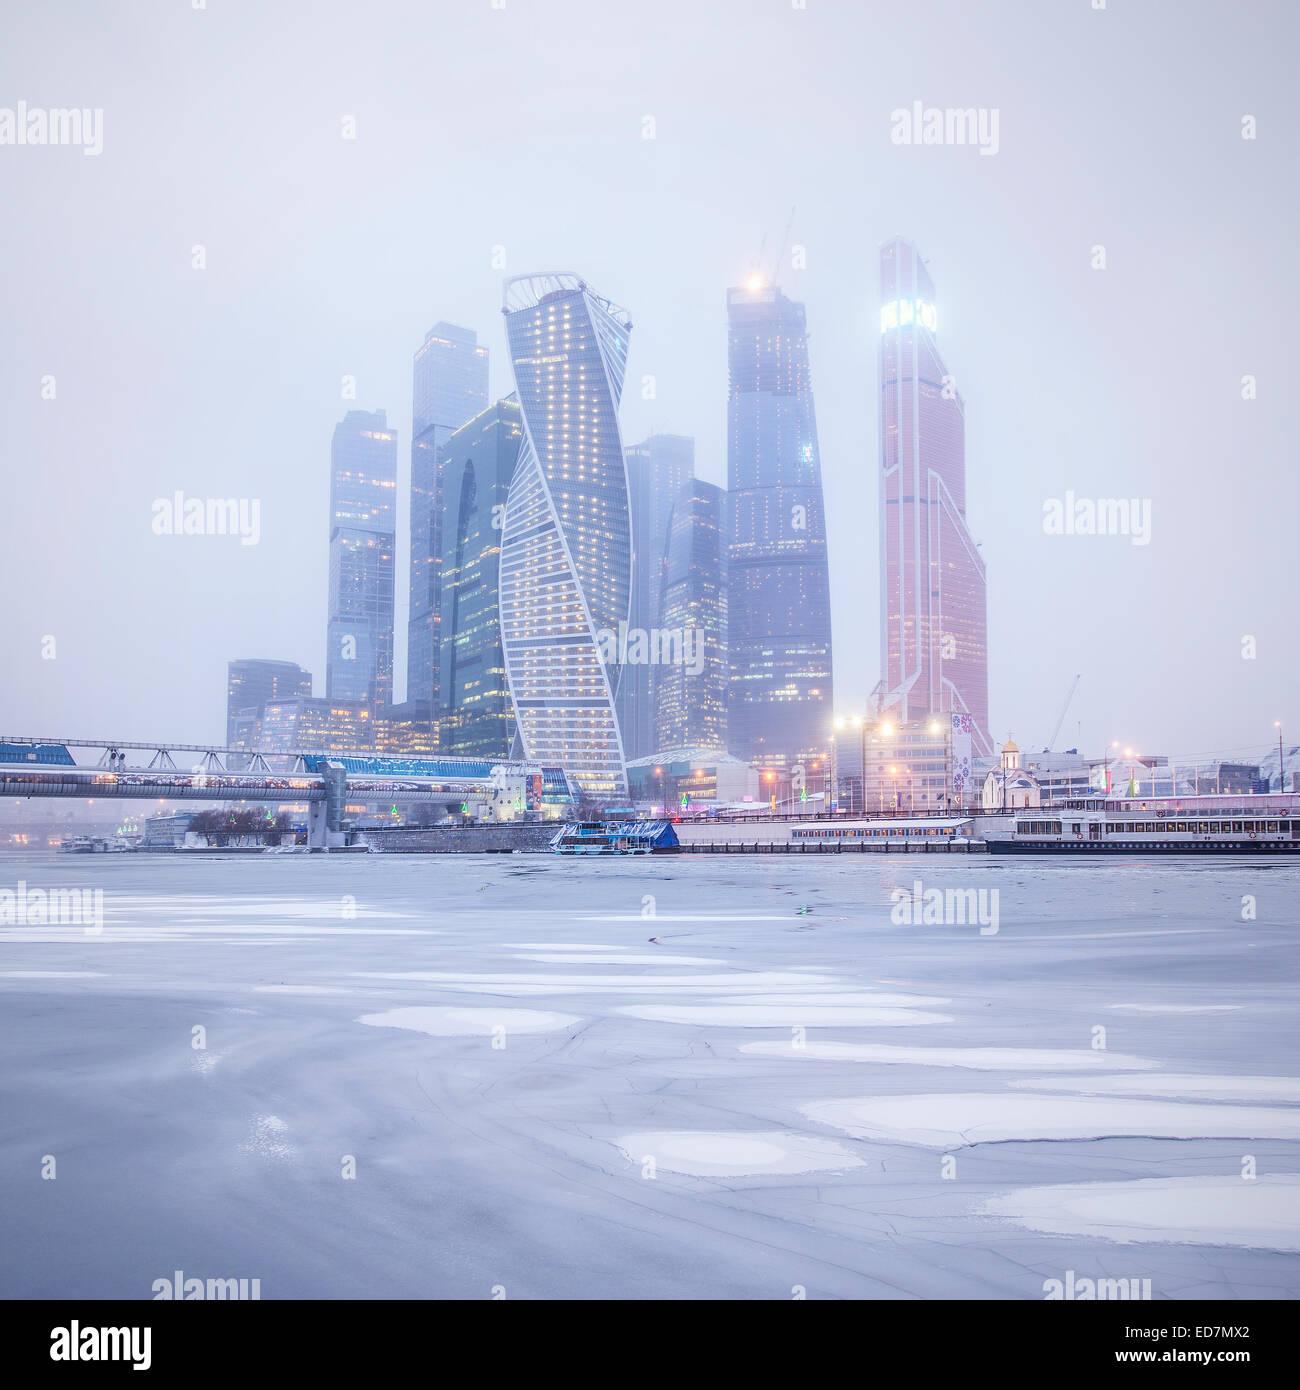 Vue d'hiver du centre d'affaires sous la neige et le brouillard. Moscou. La Russie. Banque D'Images